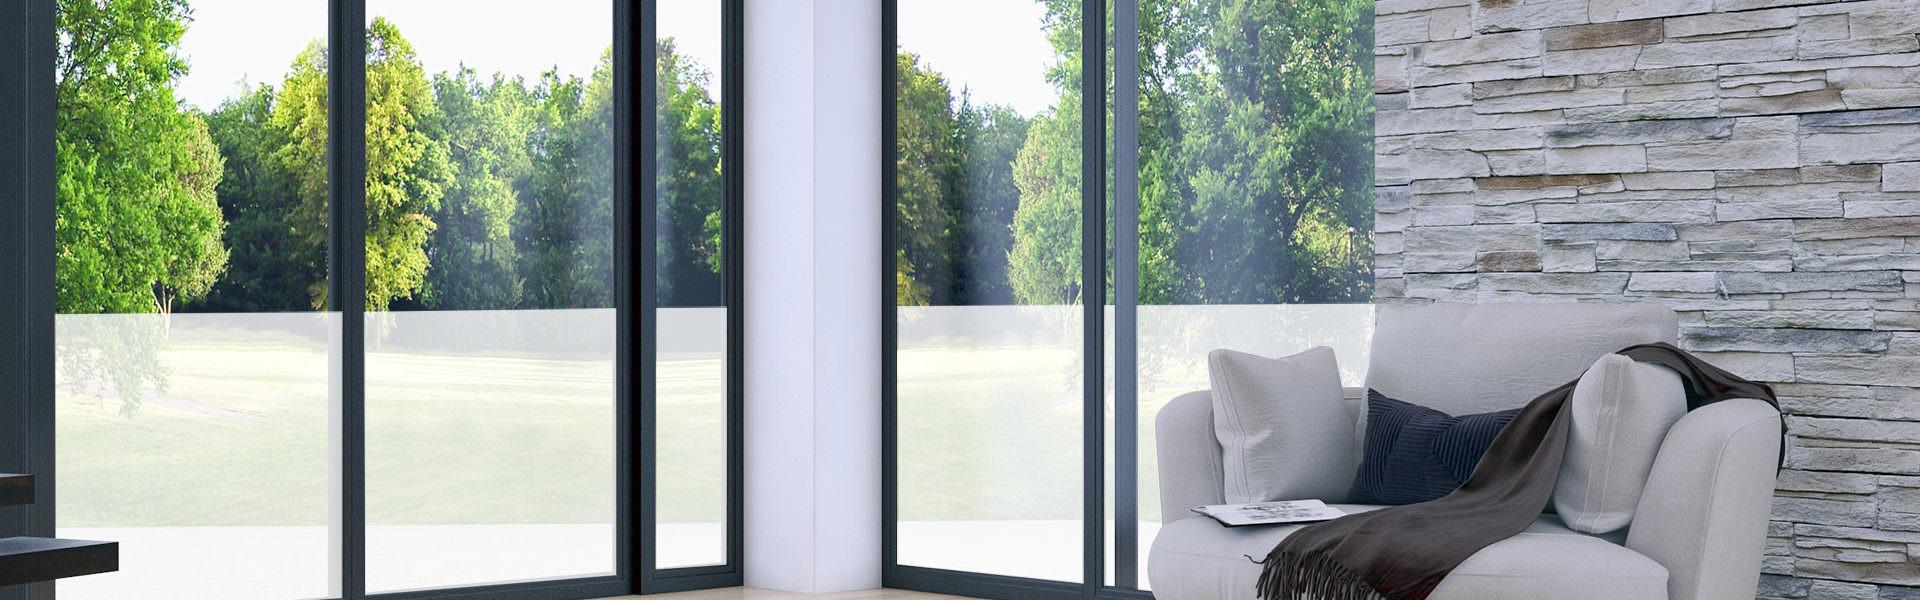 Sichtschutzfolien Glasdekorfolien Folien Express Dietlikon